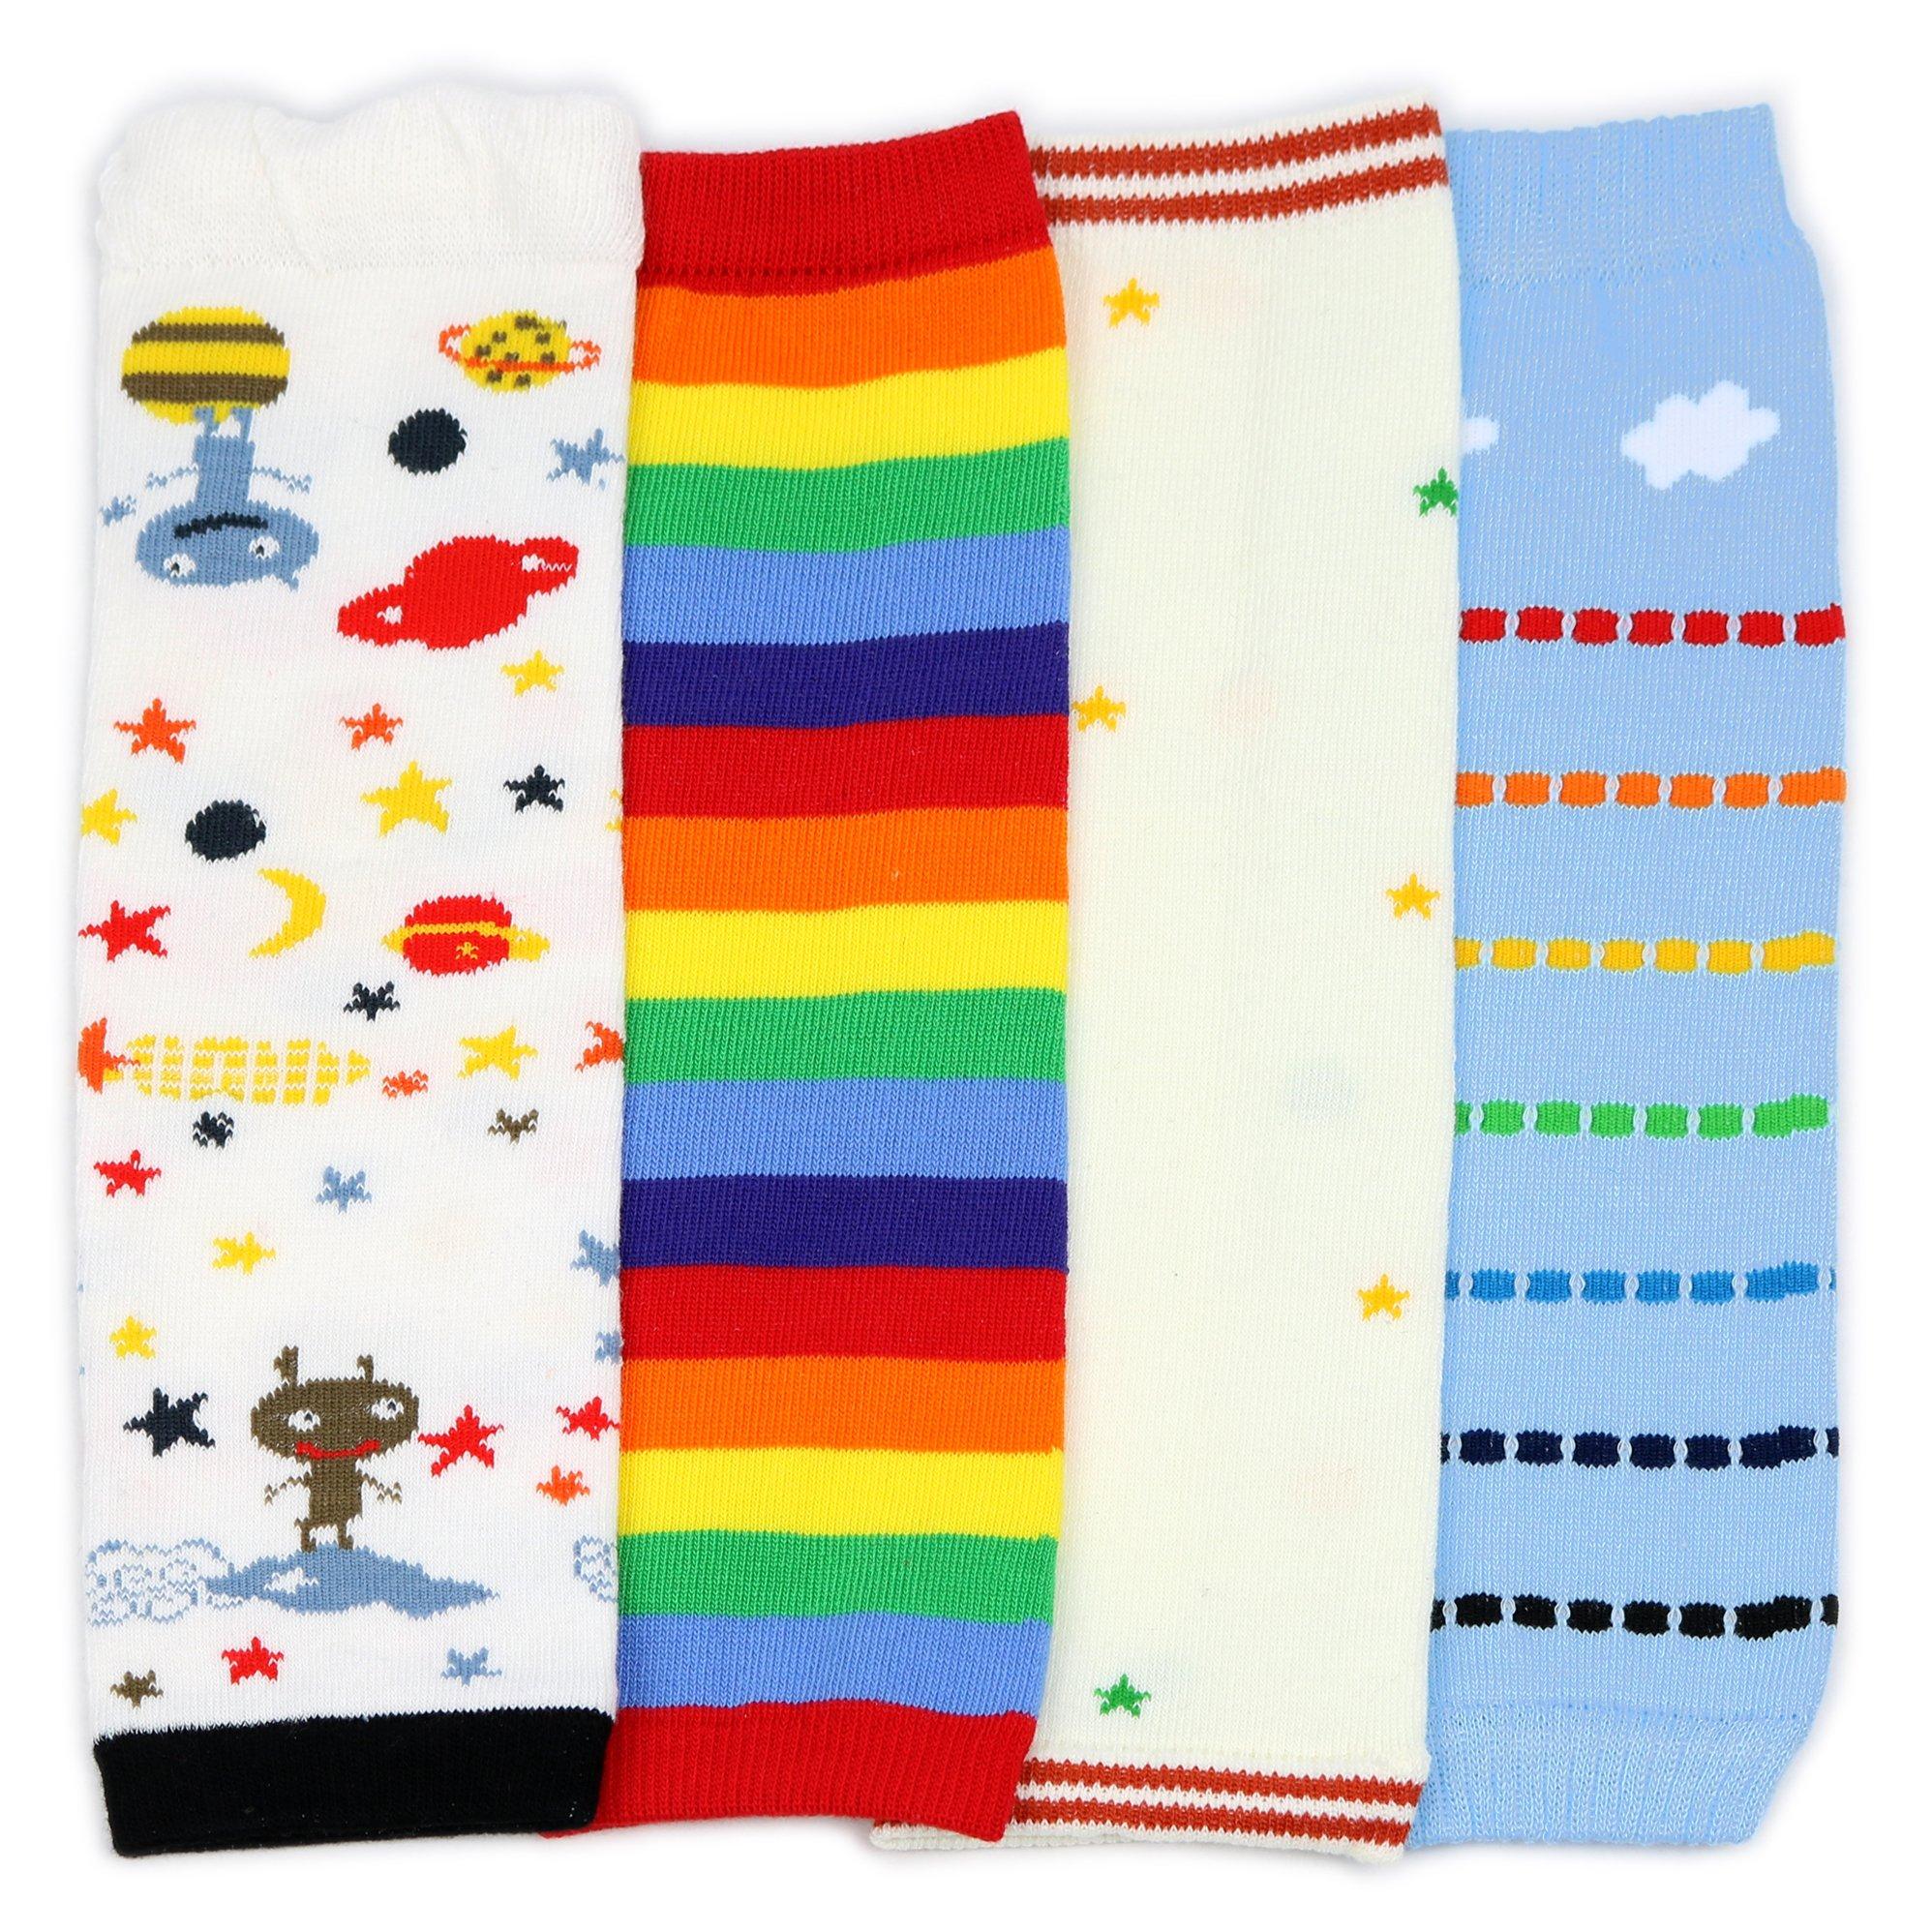 Packs de 4 con dise/ños divertidos y coloridos multipack ni/ño y ni/ño todoterreno Ni/ñas y ni/ños Dotty Fish